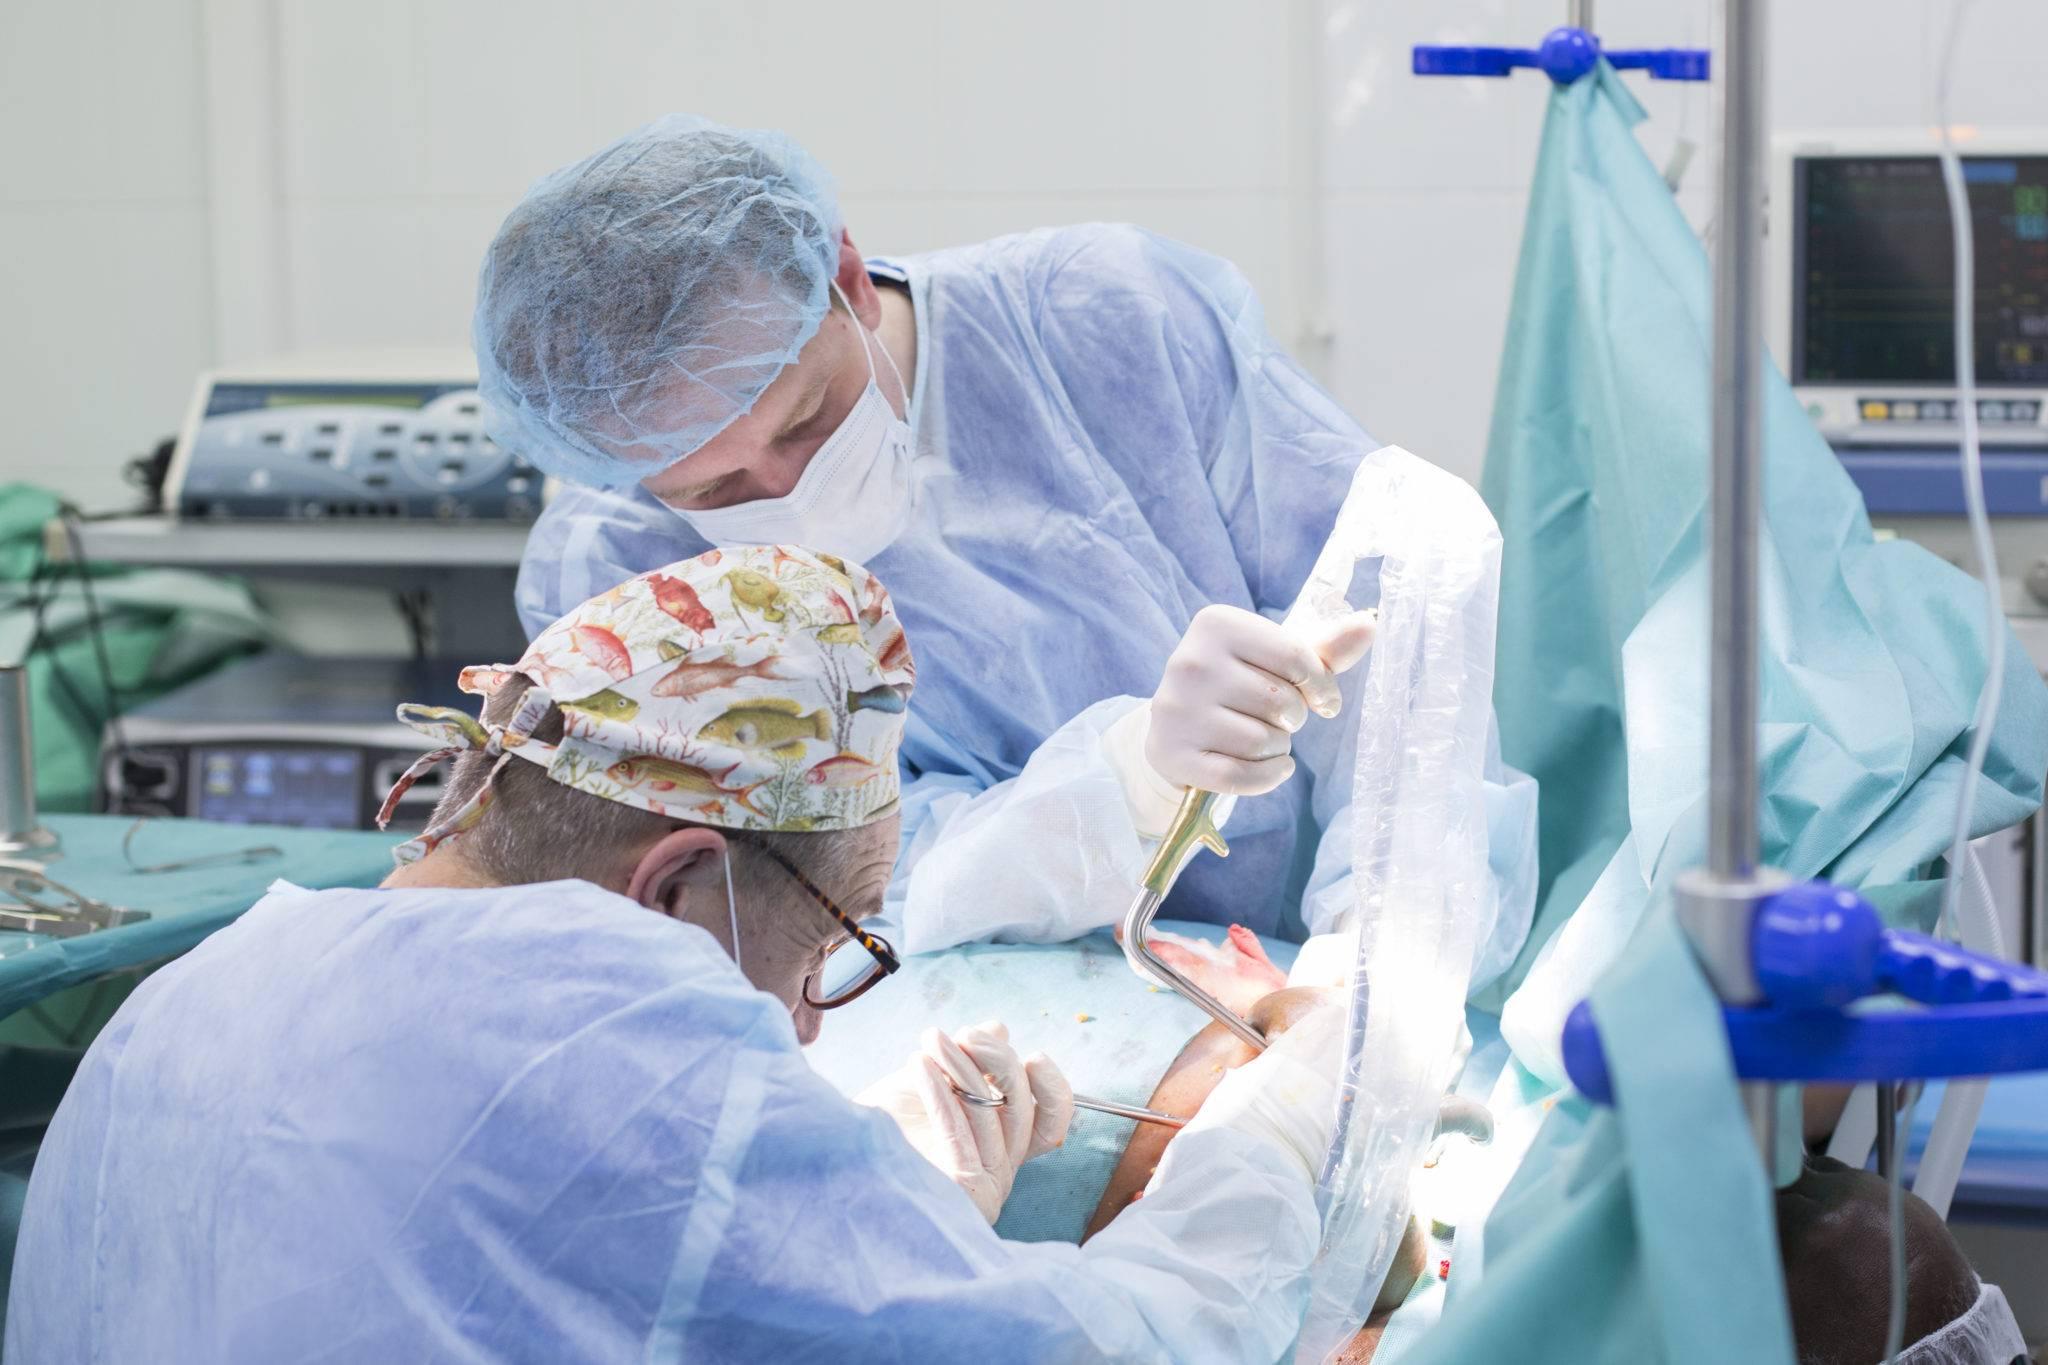 Рак молочной железы: симптомы, виды, лечение, профилактика, отзывы